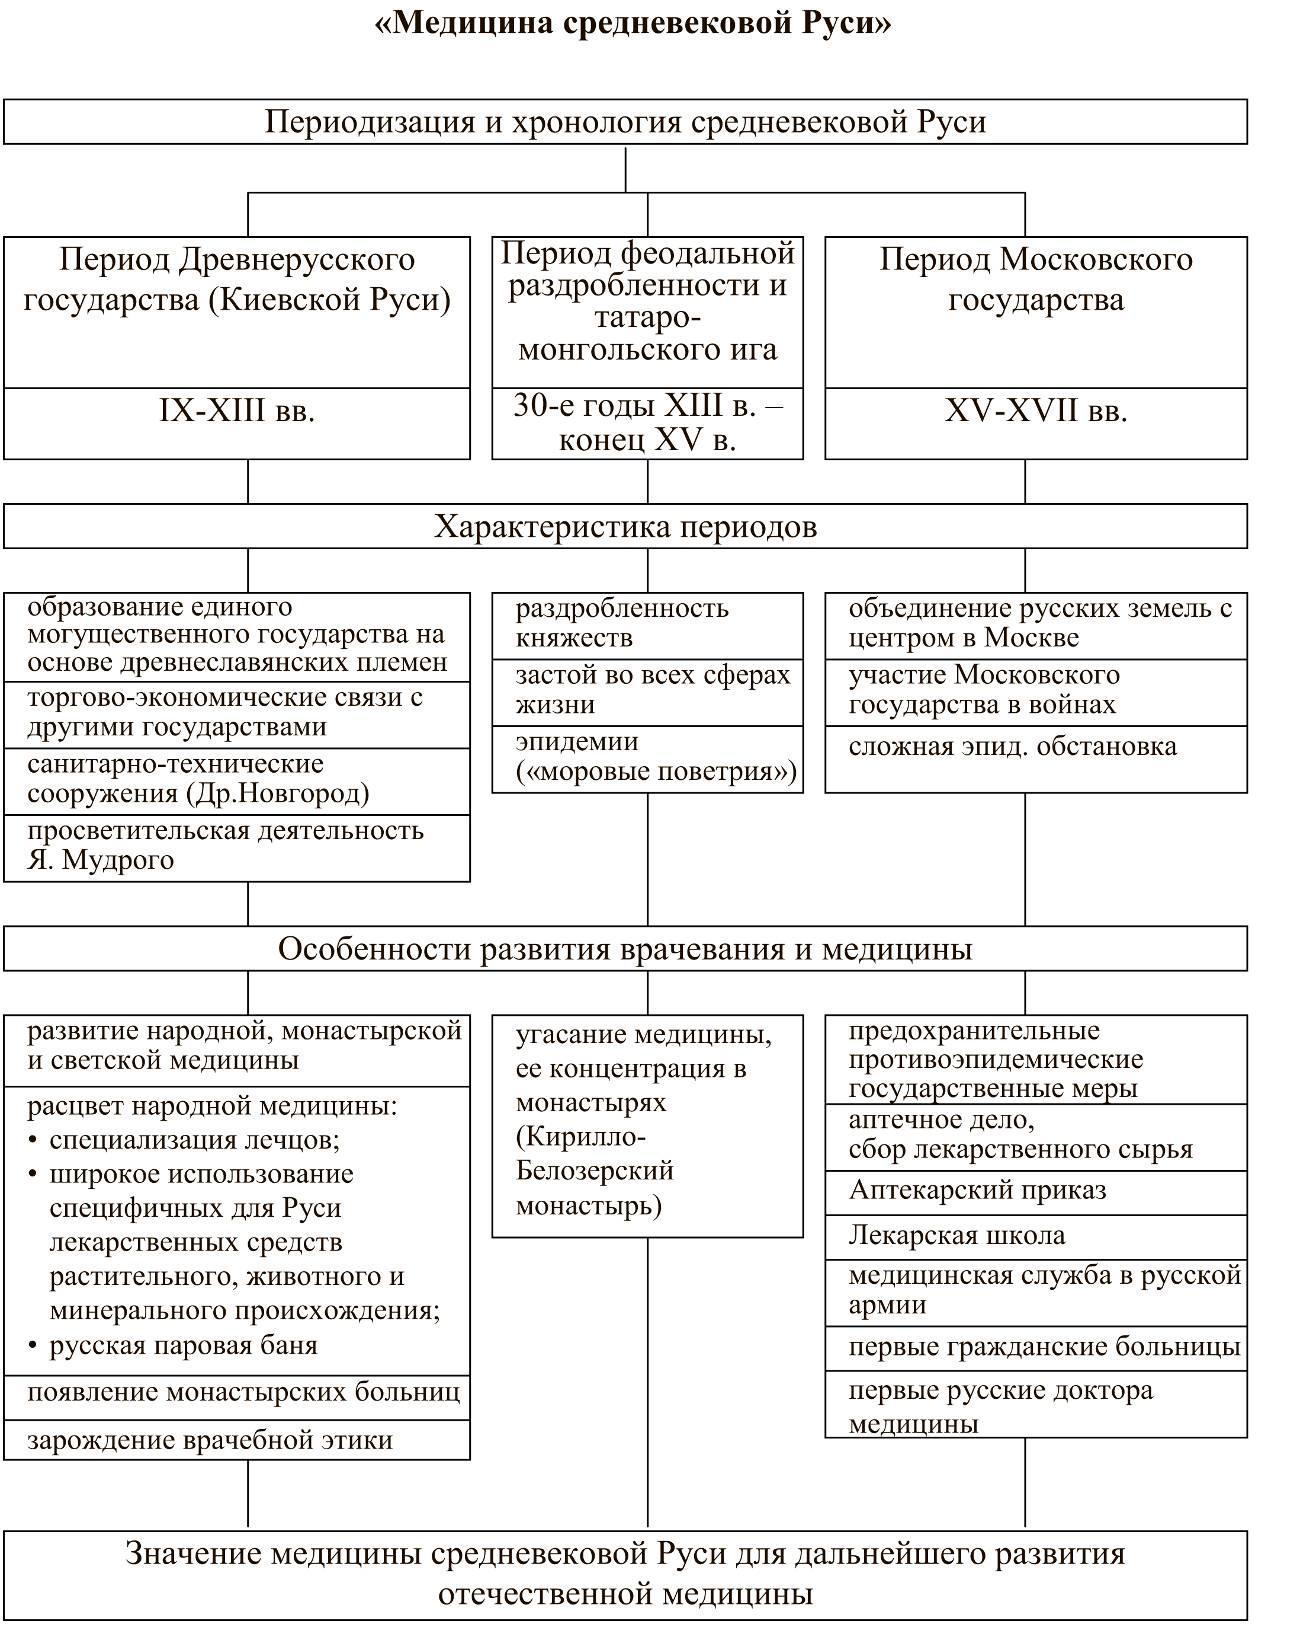 Медицина в древней руси реферат 6591